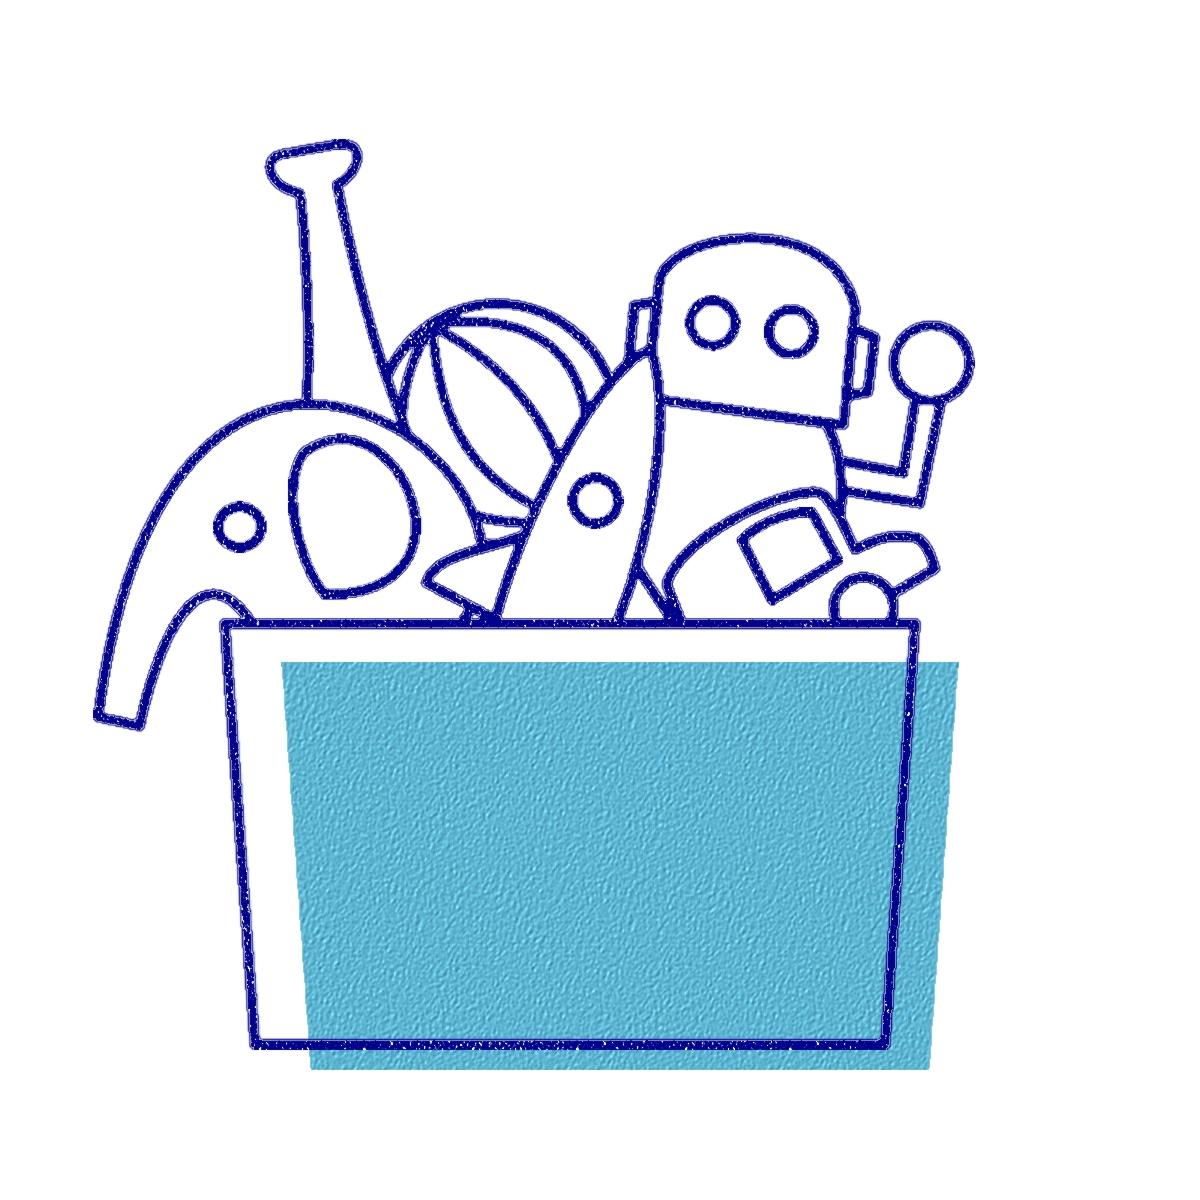 参加無料 おもちゃ病院ピーポー 白石区 本郷会館 (10/12) 札幌